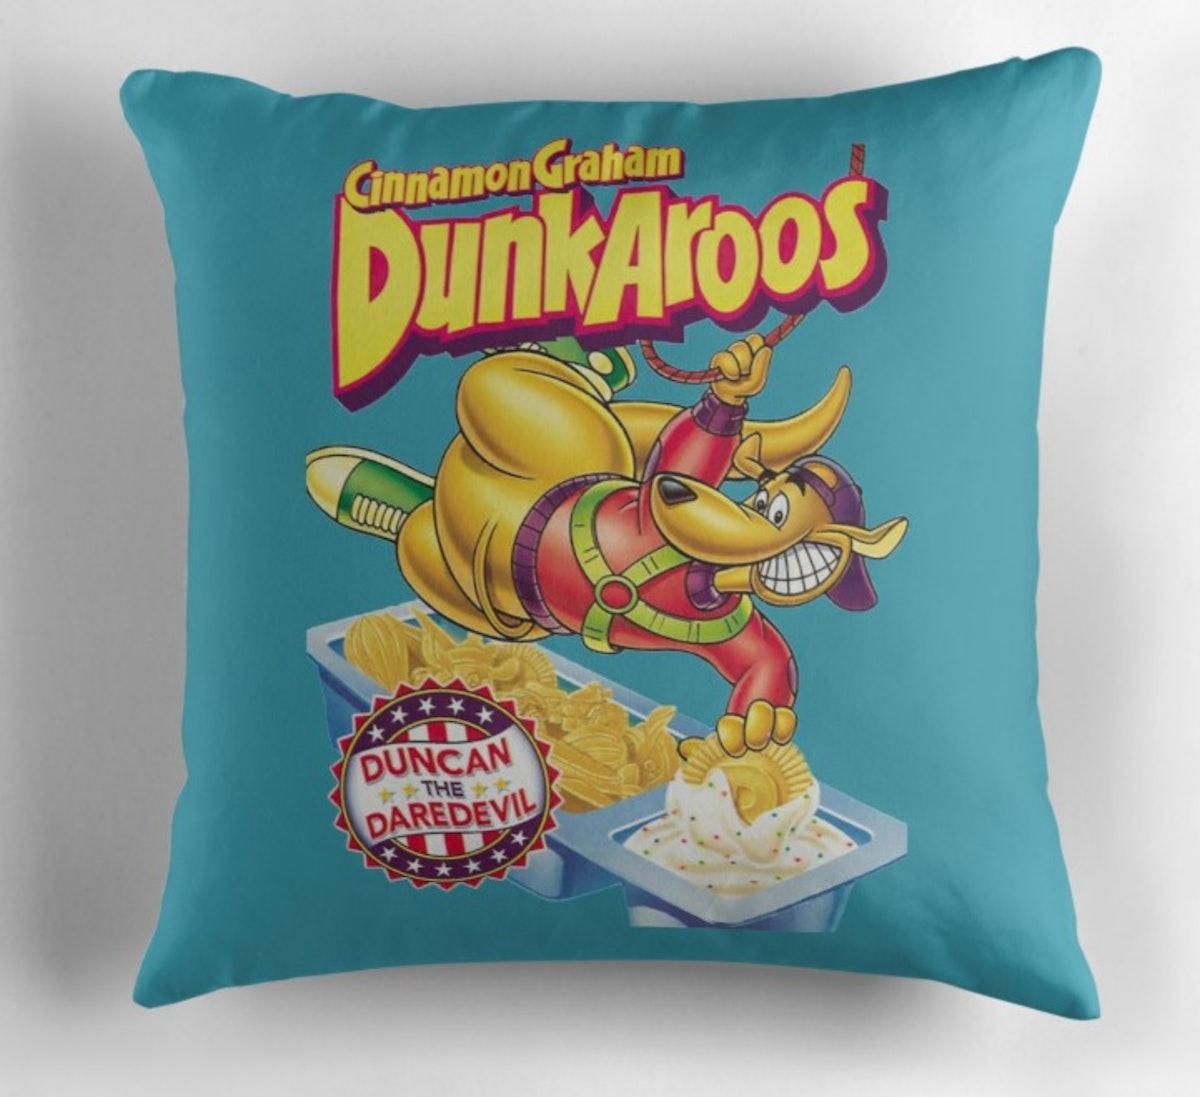 Dunkaroos 90s Throw Pillow